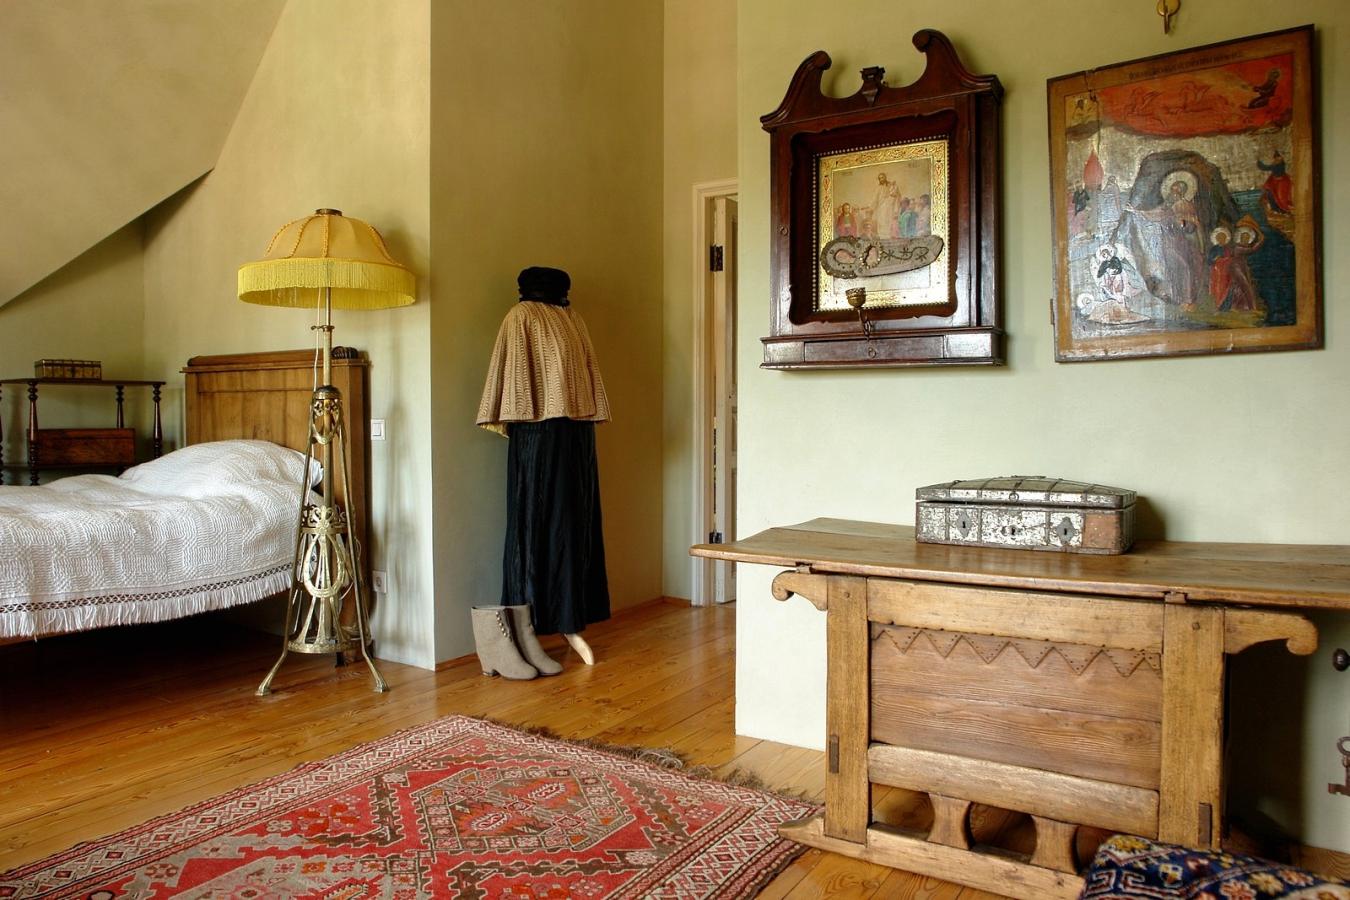 Национальный колорит комнаты в русском стиле